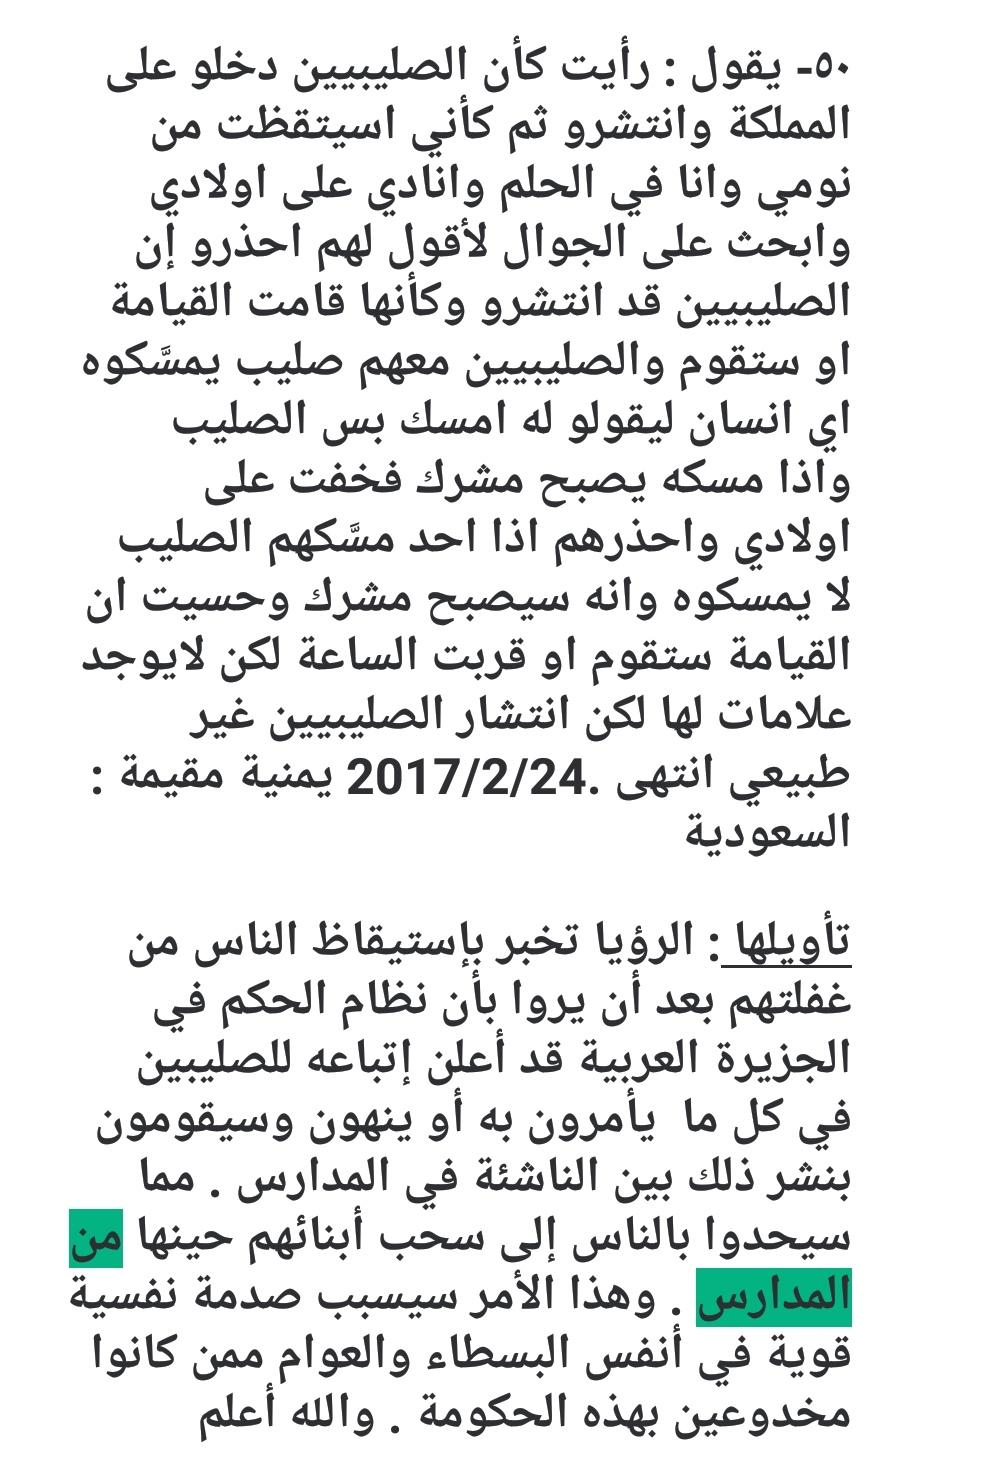 أخبار بلاد الحرمين وباقي الجزيرة...  Img_ee14